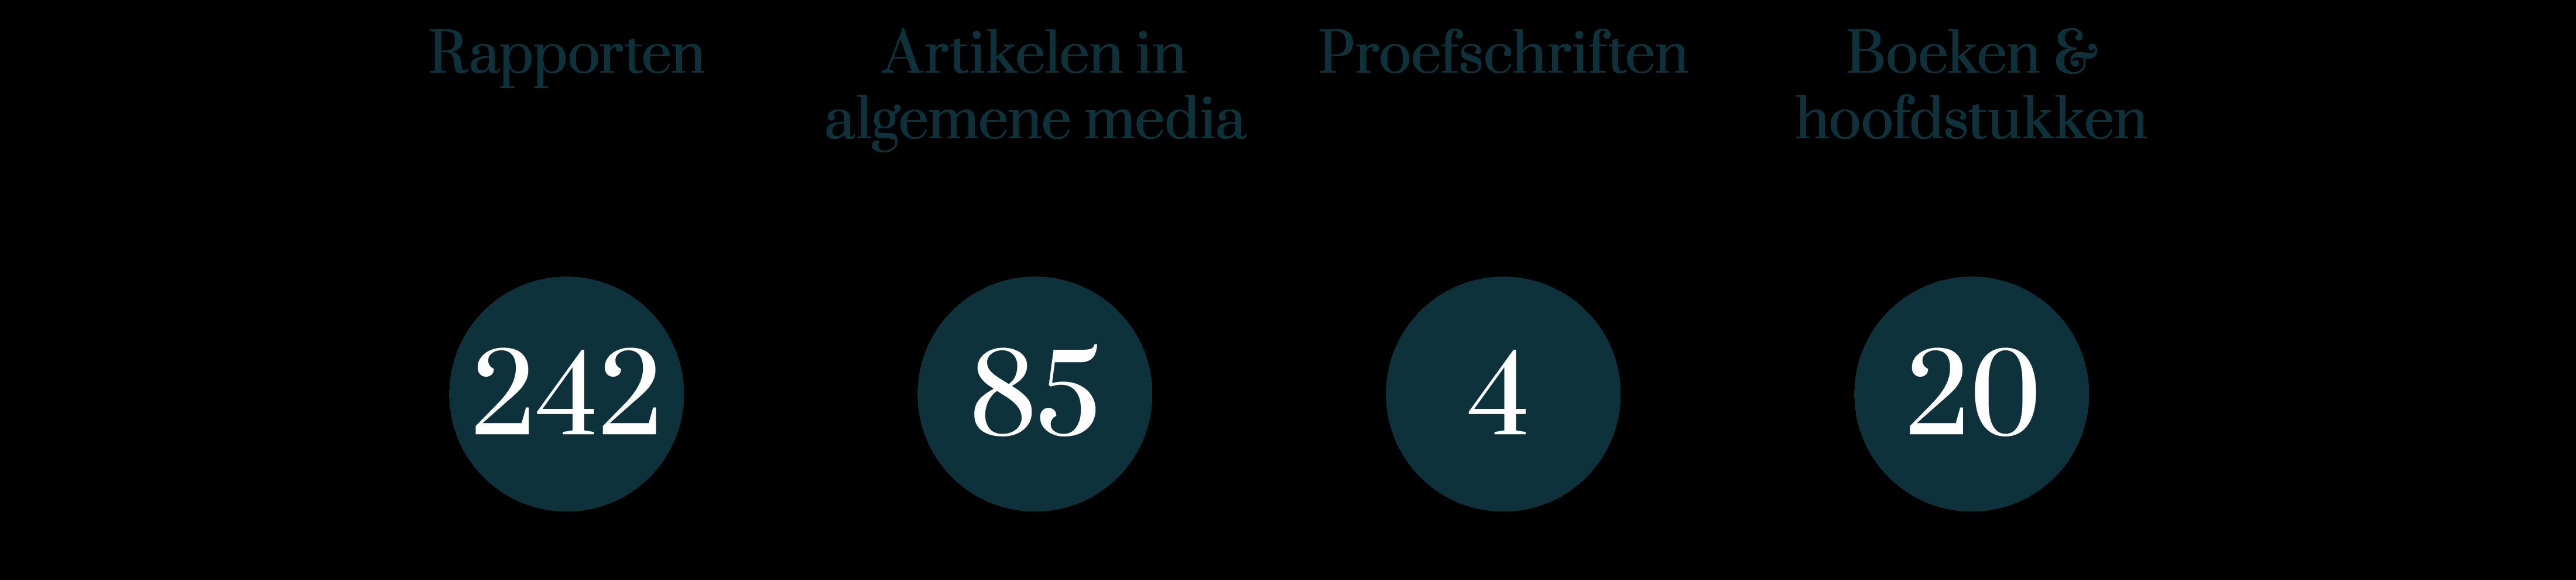 Overige publicaties